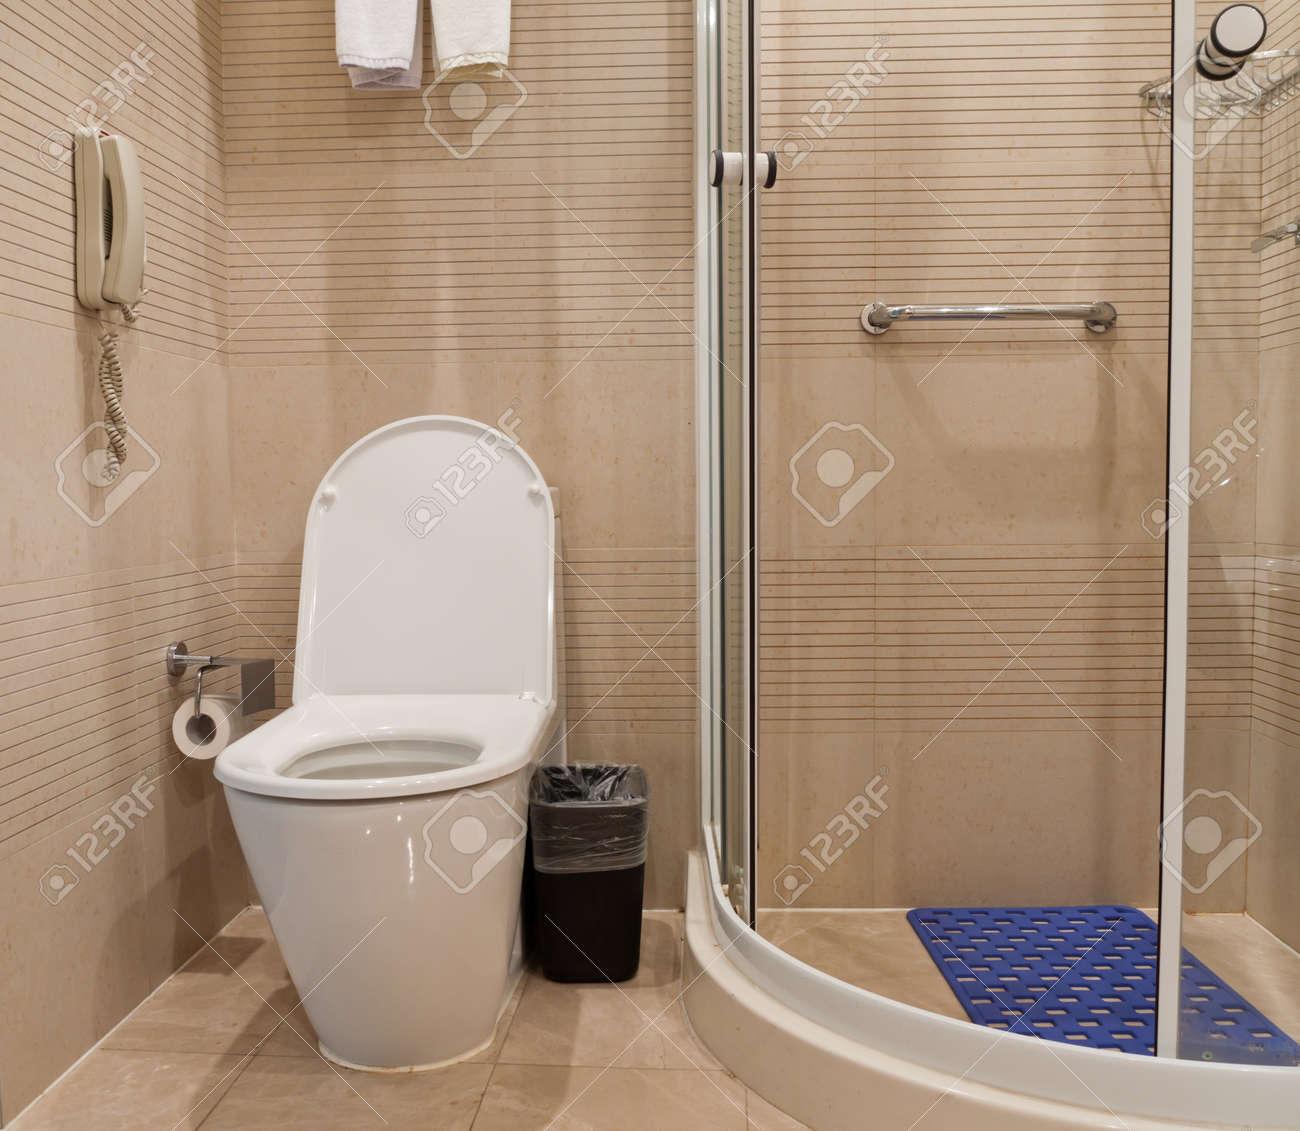 badezimmer detail mit wc, waschbecken, spiegel und dusche, youngor, Badezimmer ideen